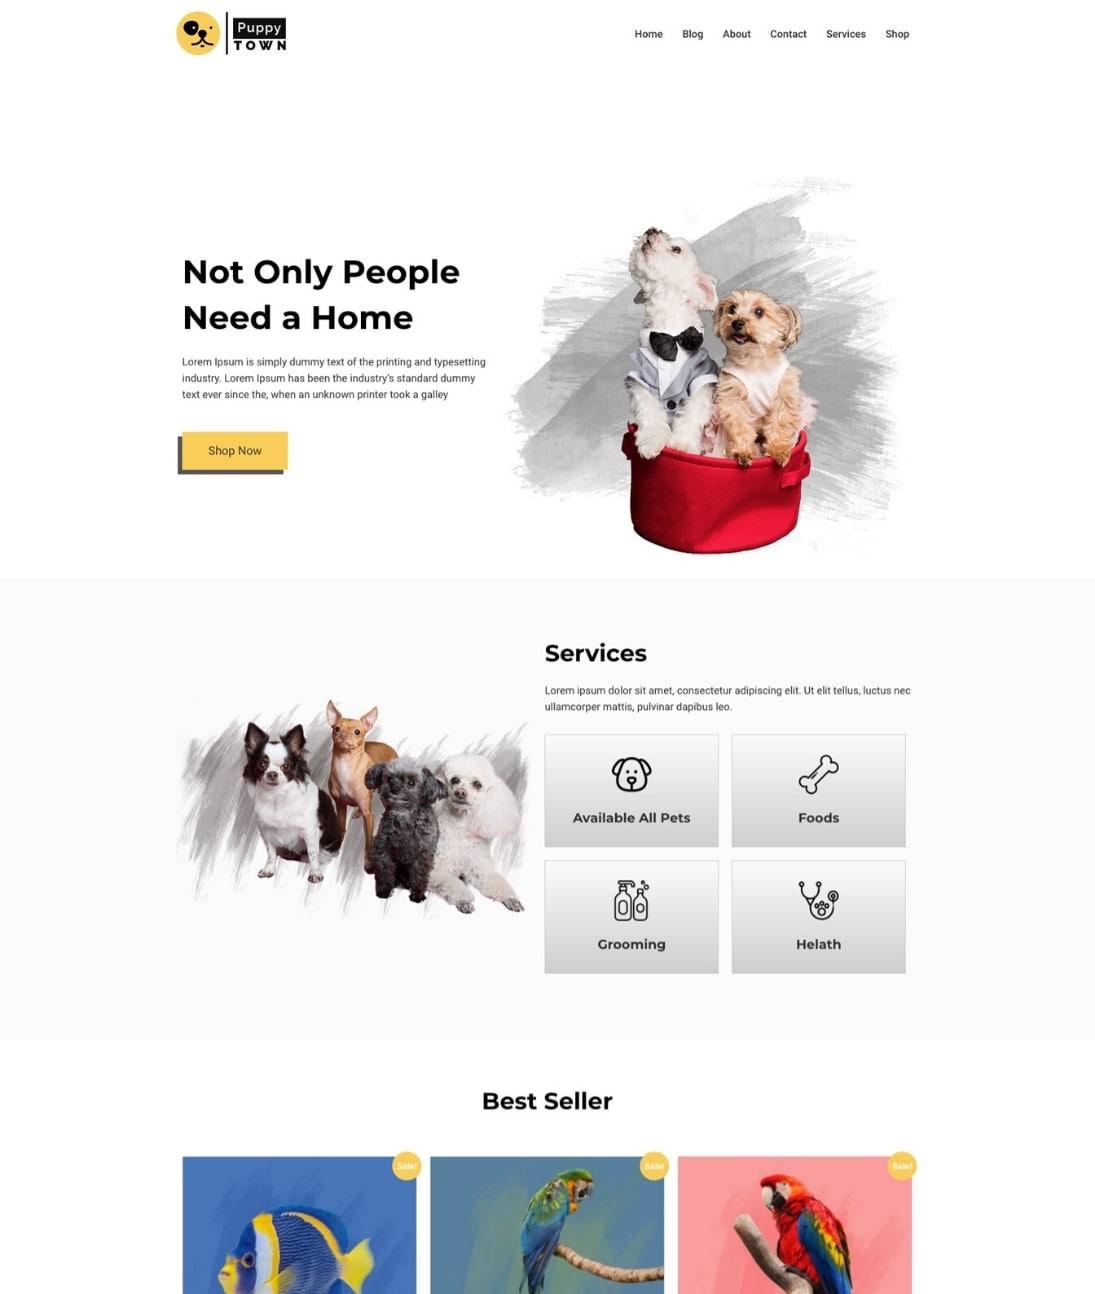 Pet shop template by CyberChimps